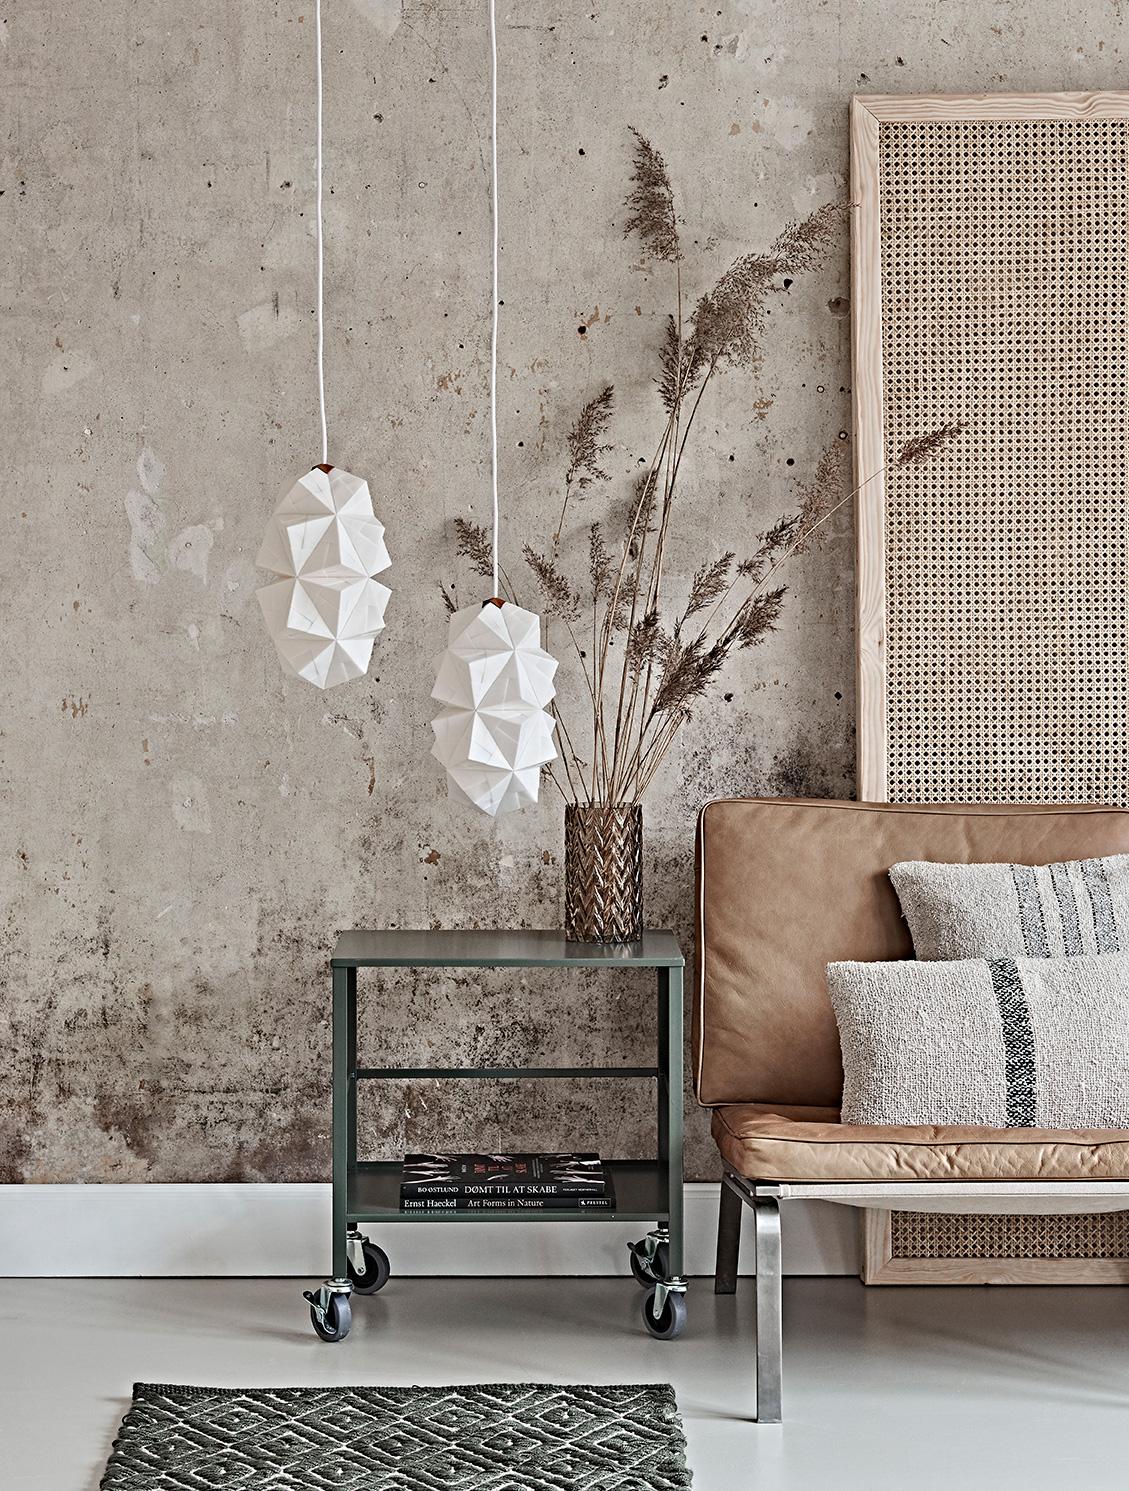 Stylet miljøfoto af Sonobe Light håndfoldede papirlamper af Charlotte Brandt, her model Cala pendel x 2 i small